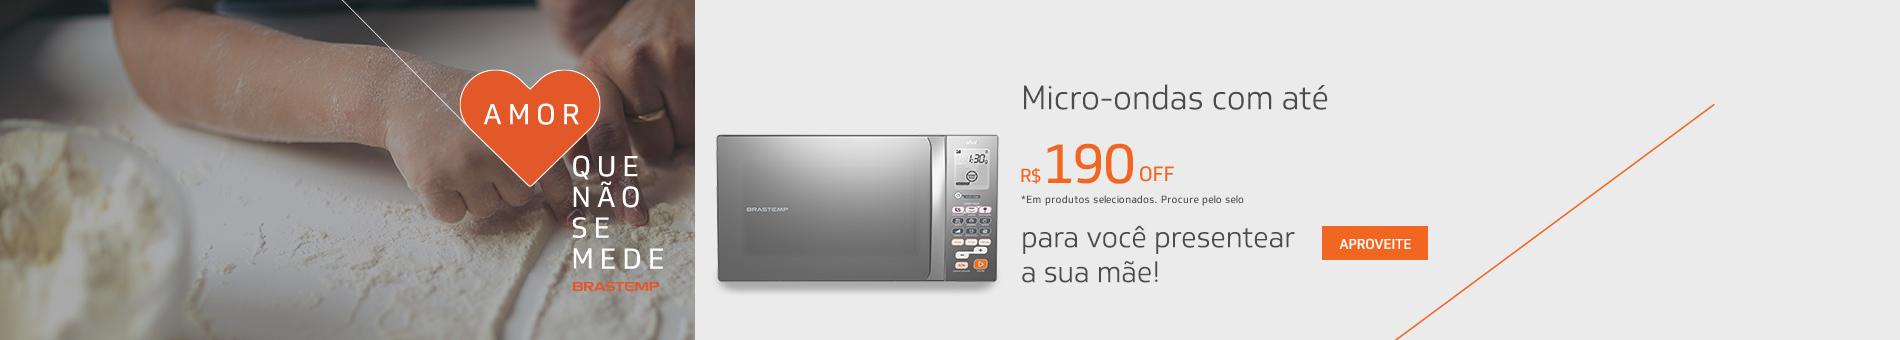 Promoção Interna - 1734 - maes_micro-preço_24042017_home4 - micro-preço - 4